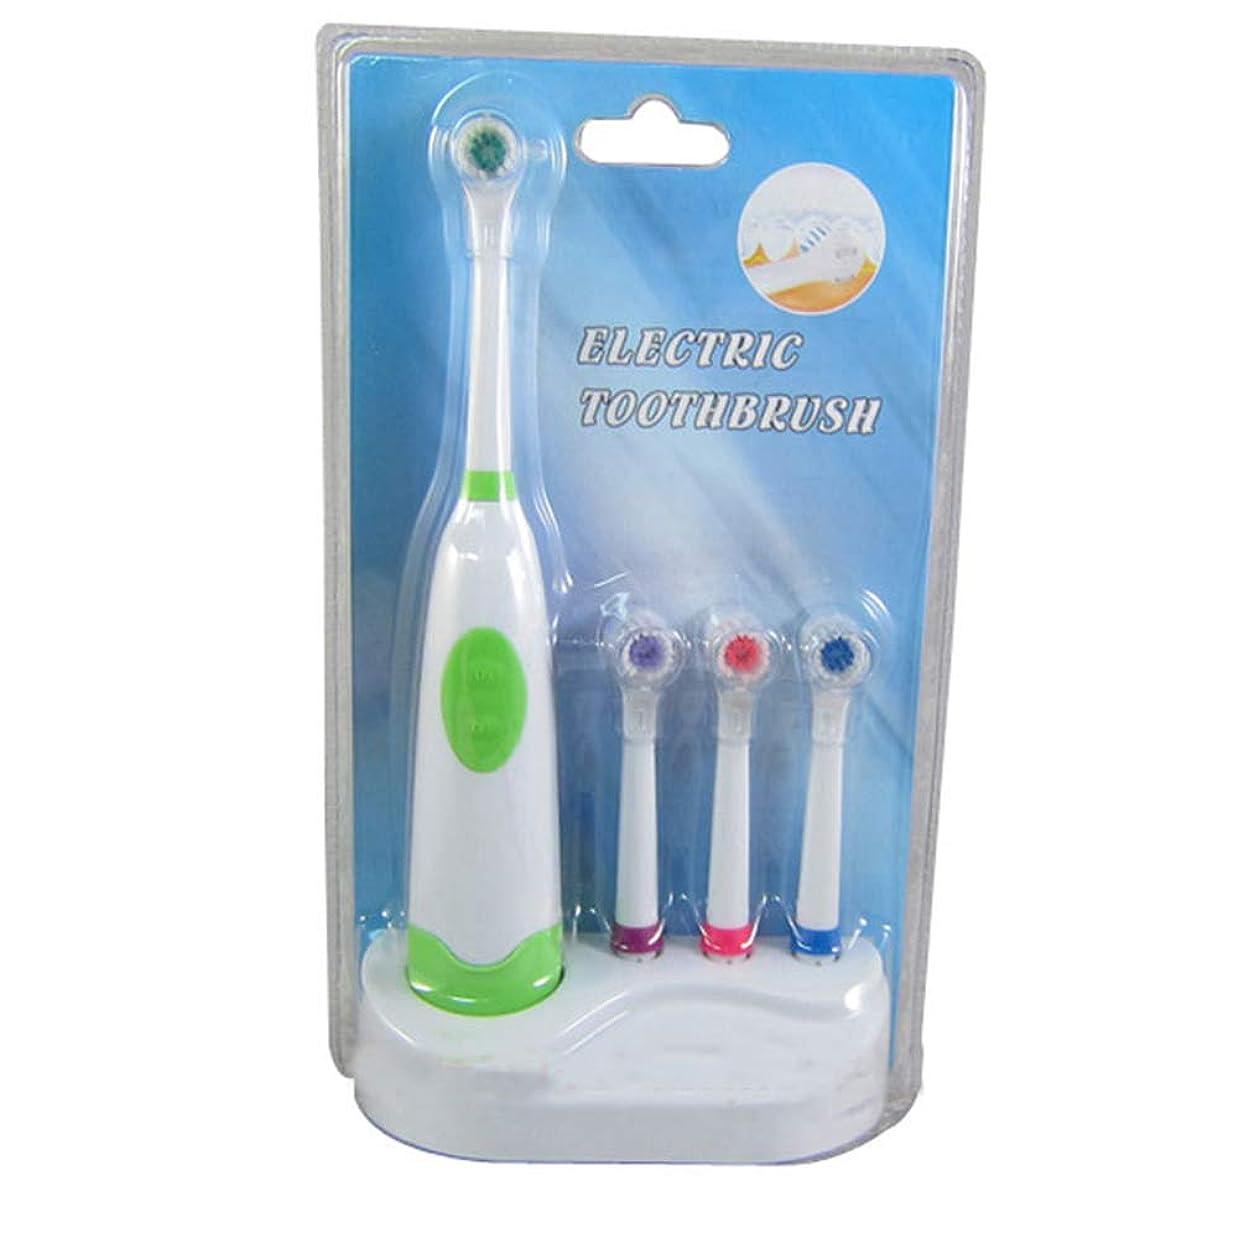 いじめっ子下に向けます展望台2PCSロータリー自動電動歯ブラシ、超音波防水オーラルクリーニング、ベース付き4ブラシヘッド4シールド(バッテリーなし),A